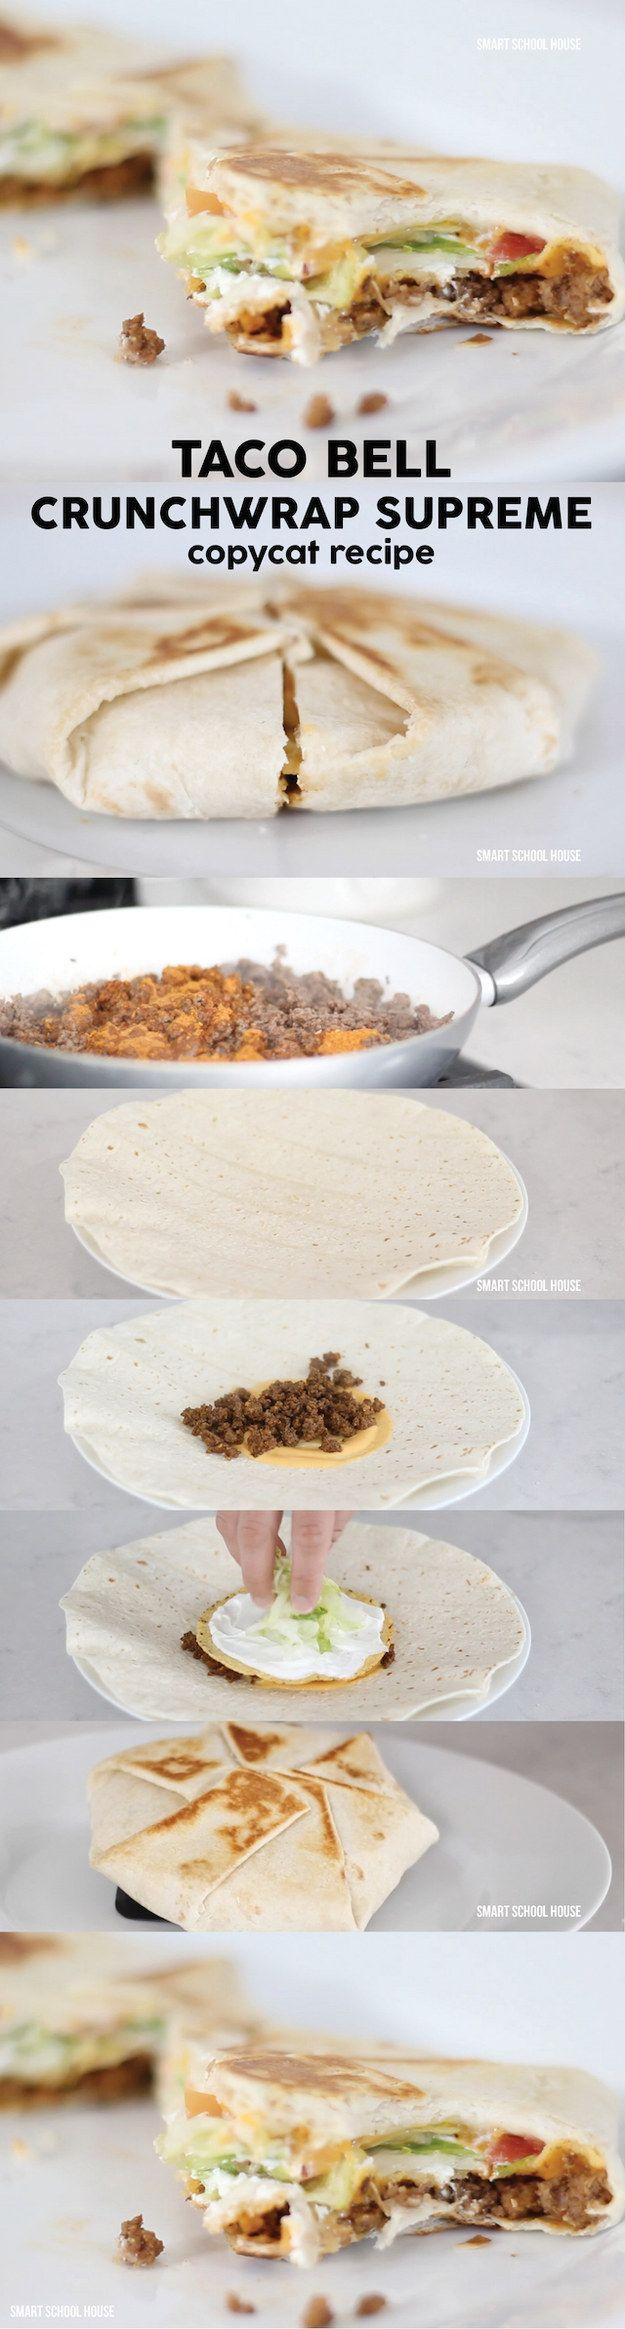 Una tortilla crujiente al estilo de Taco Bell.   16 Deliciosas recetas con Doritos que te harán agua la boca